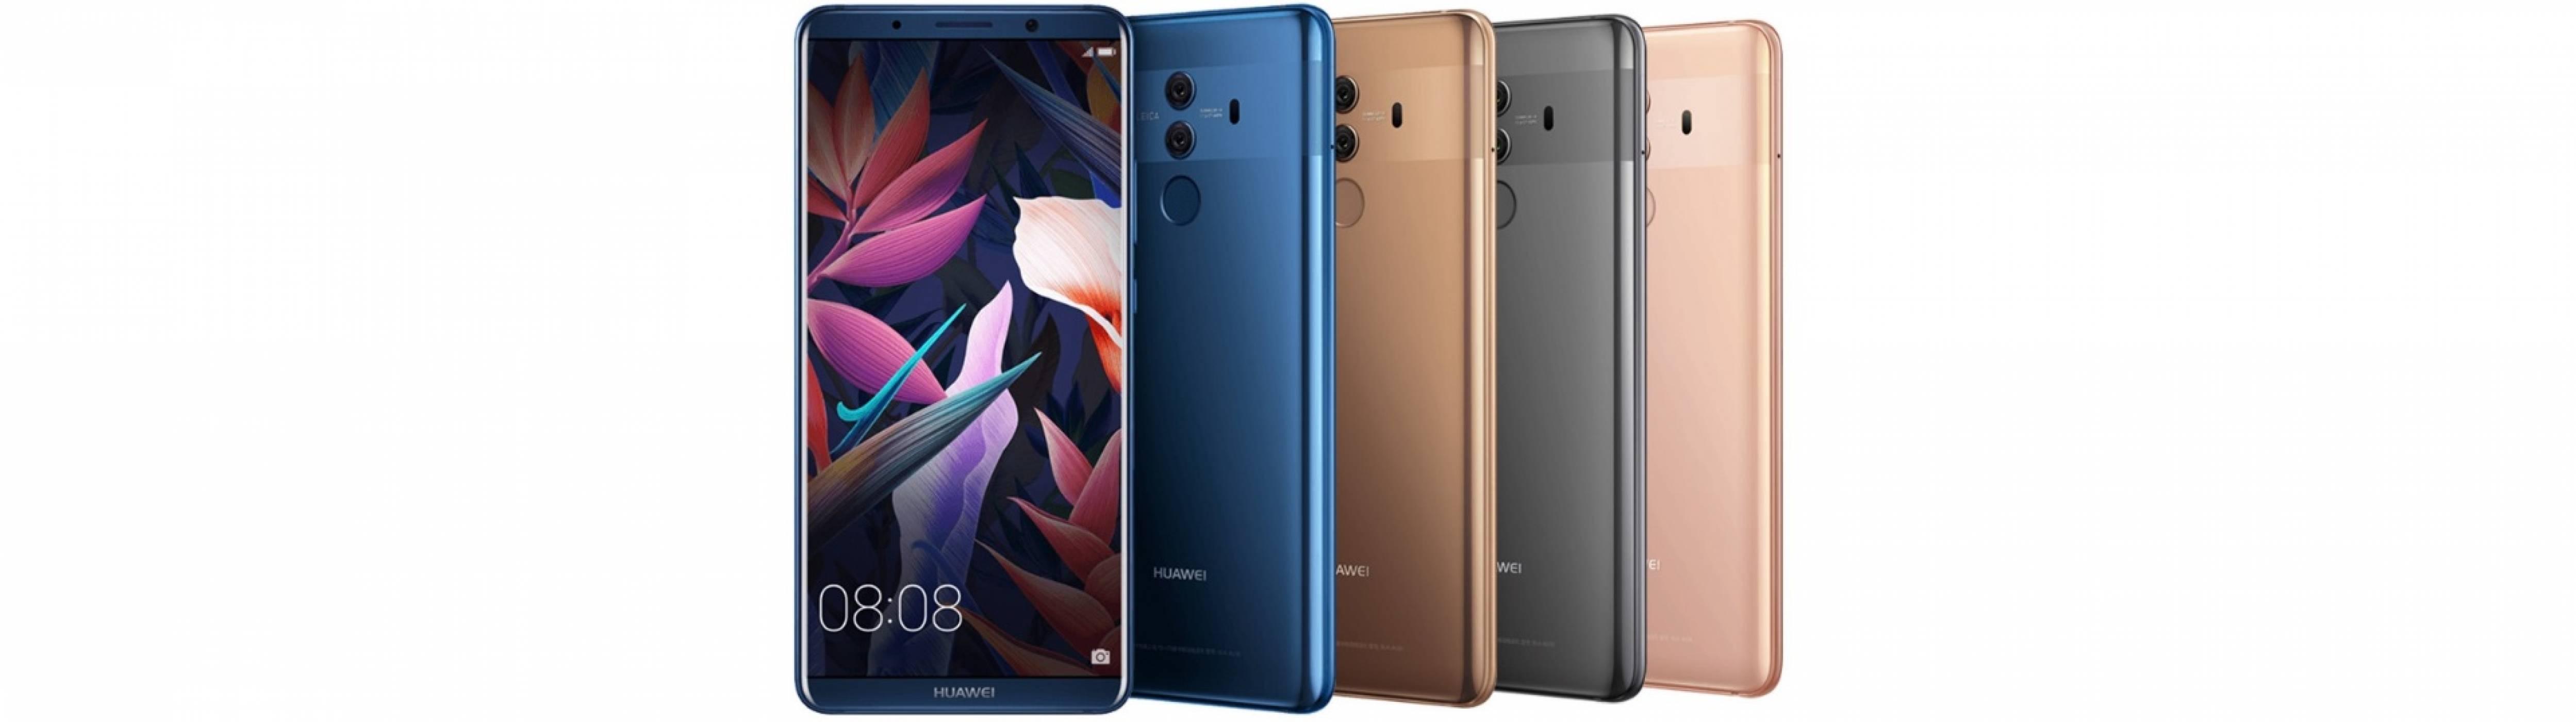 Huawei Mate 10 и Mate 10 Pro с подобрена функционалност за нощни снимки